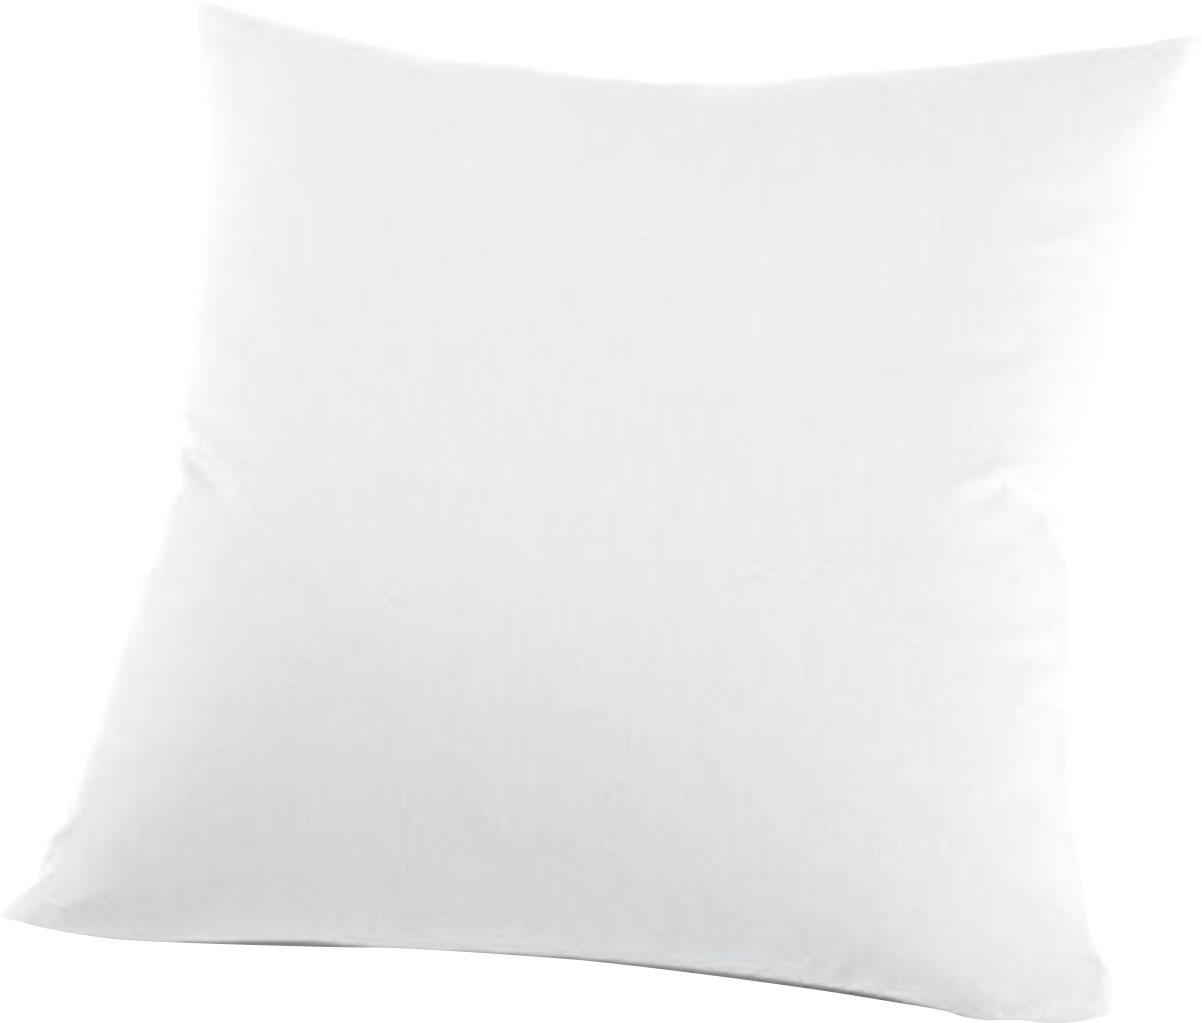 Schlafgut Kissenbezüge Jersey, (2 St.), mit Aloe Vera Ausrüstung weiß gemustert Kissen